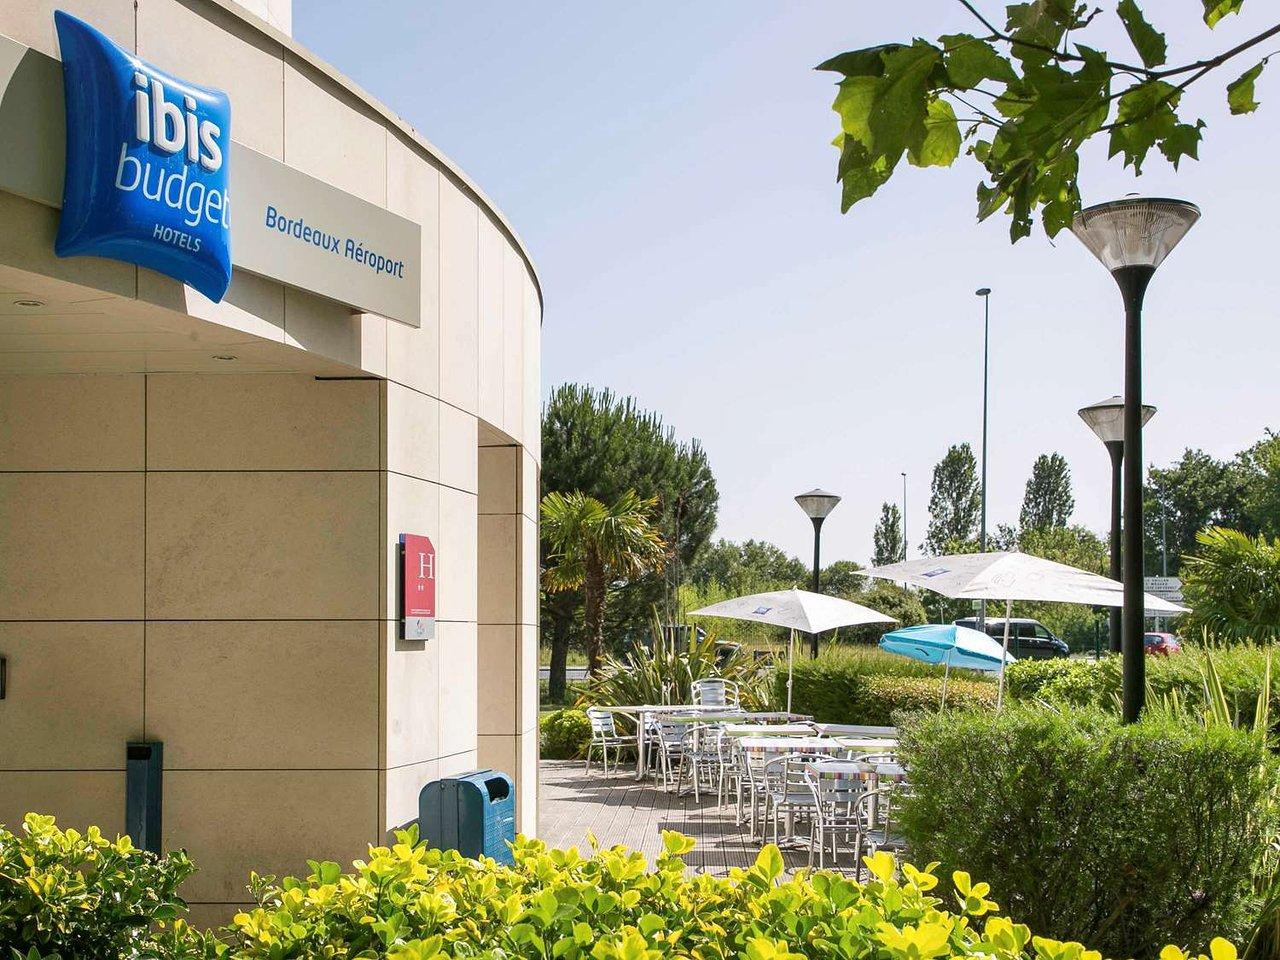 Mobilier De Jardin Merignac les 10 meilleurs hôtels modernes bordeaux en 2020 (avec prix